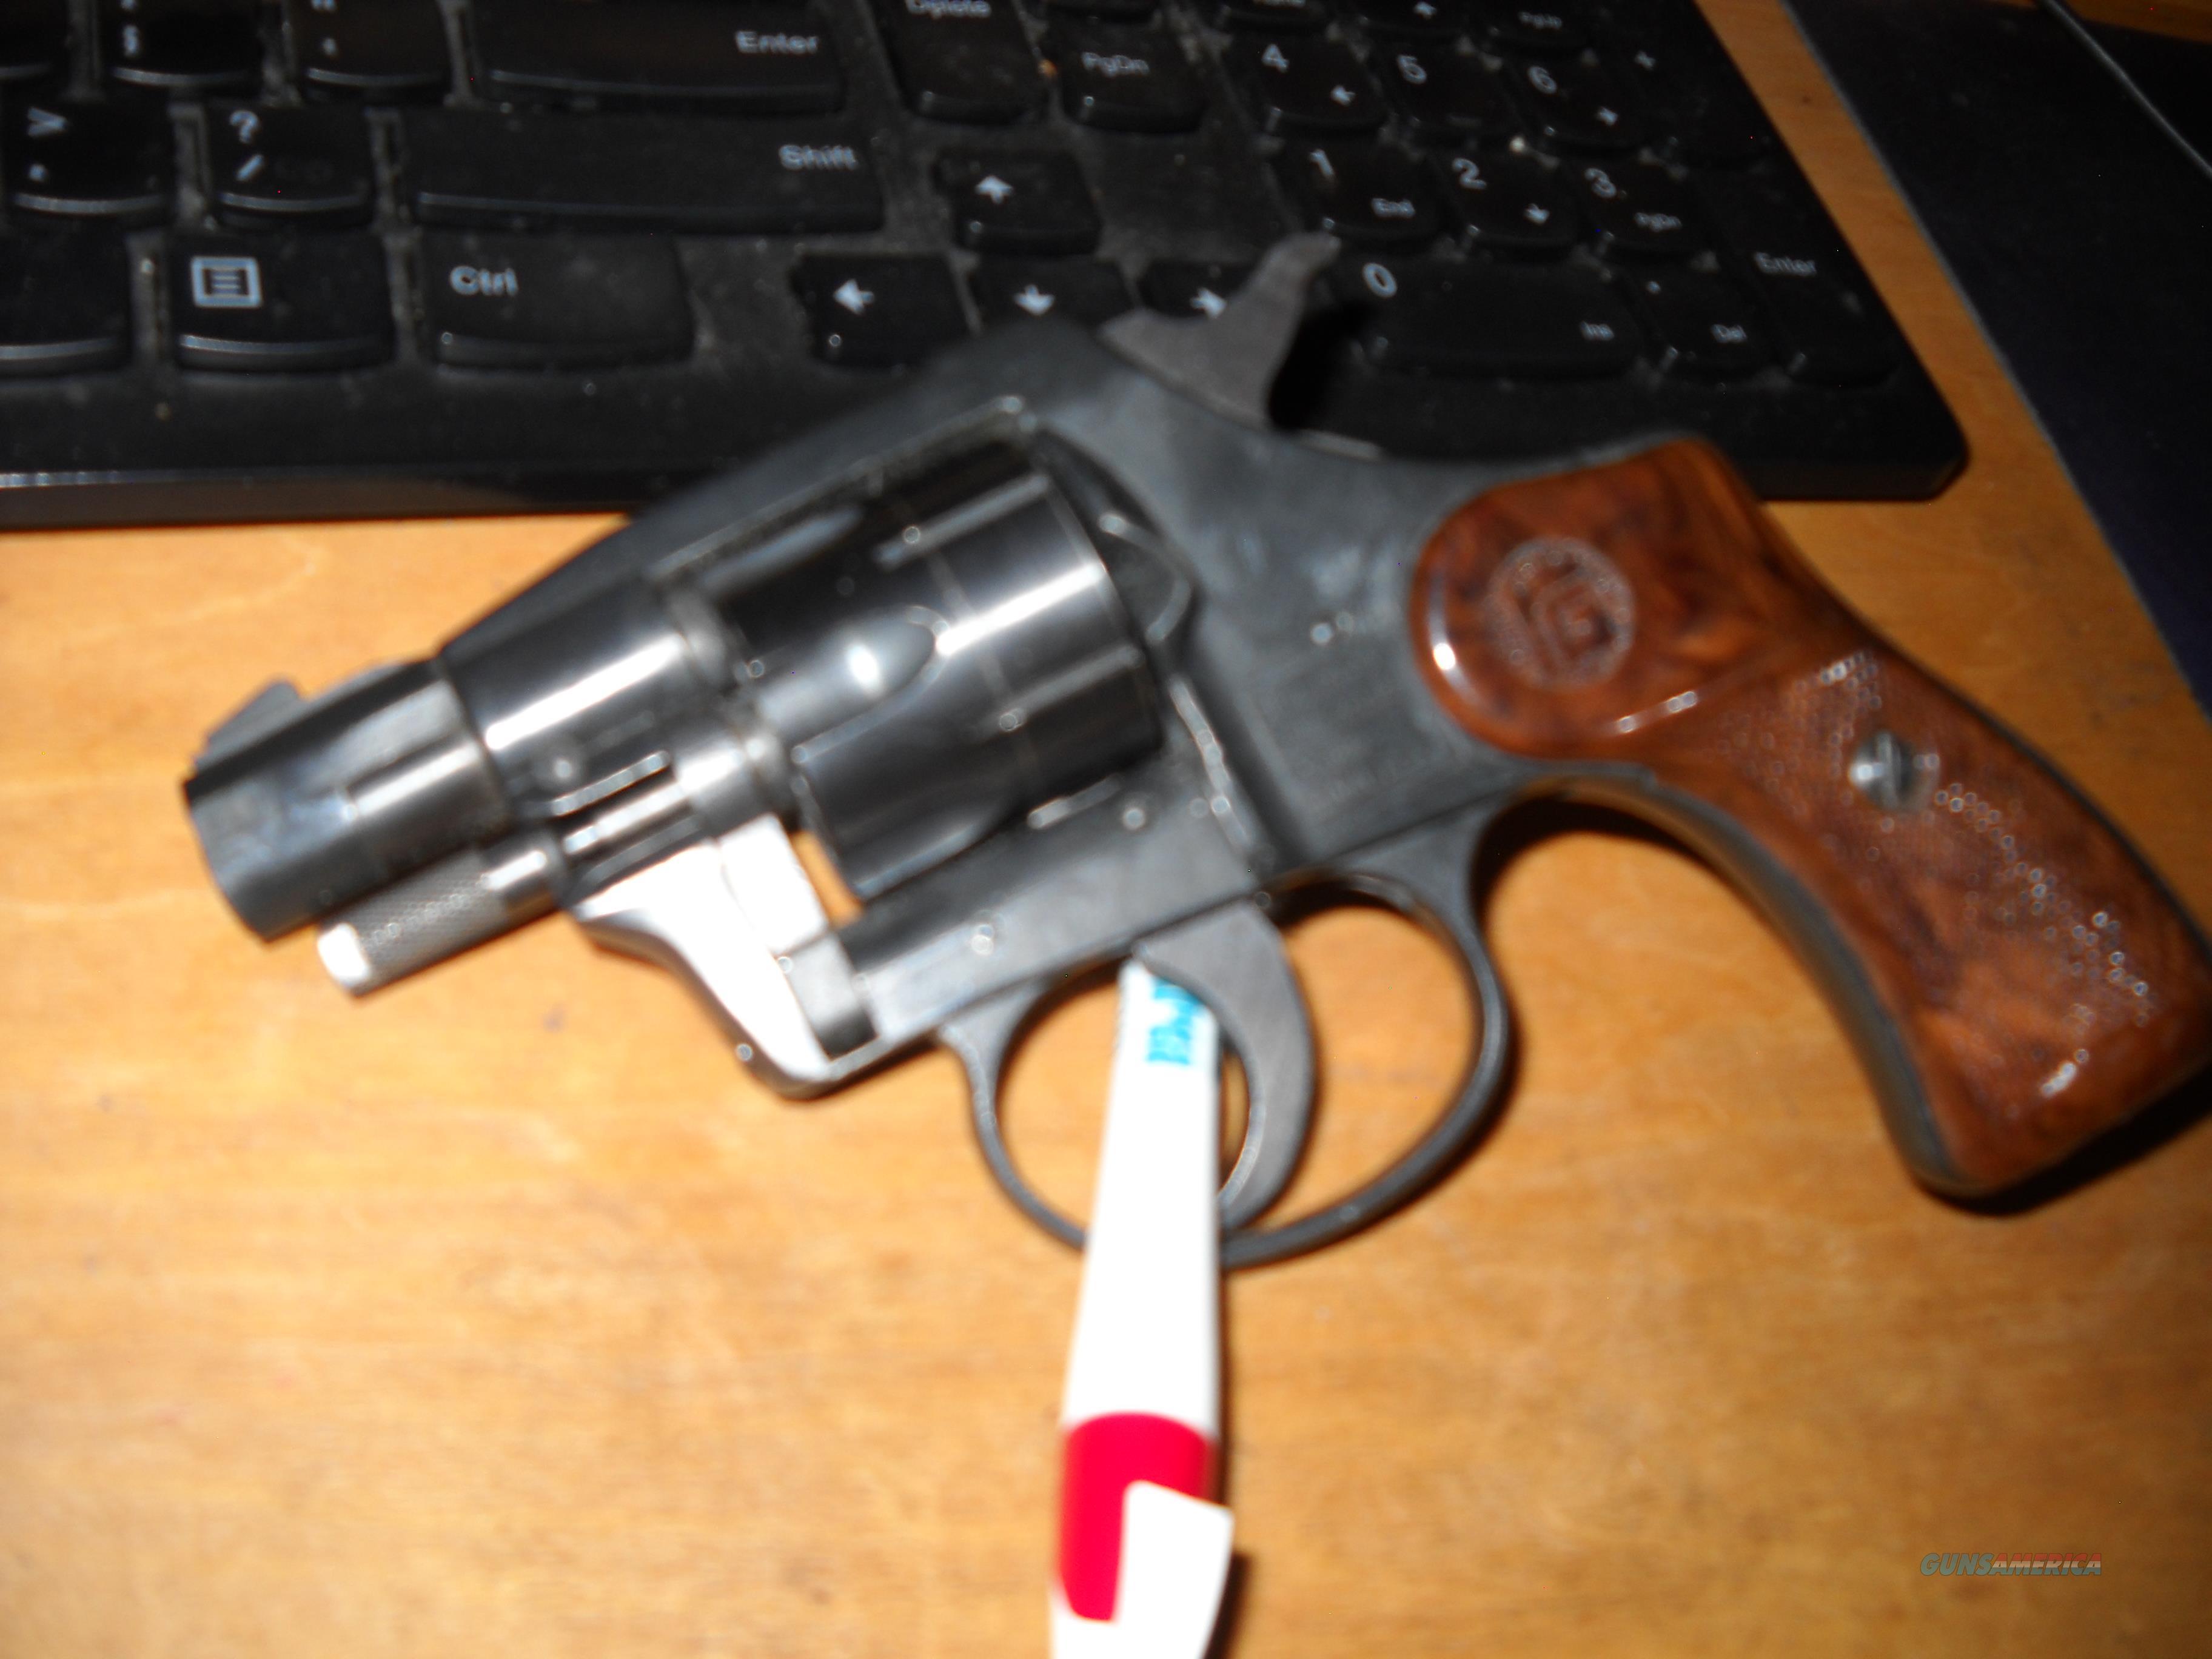 RG 23  Guns > Pistols > Rossi Revolvers